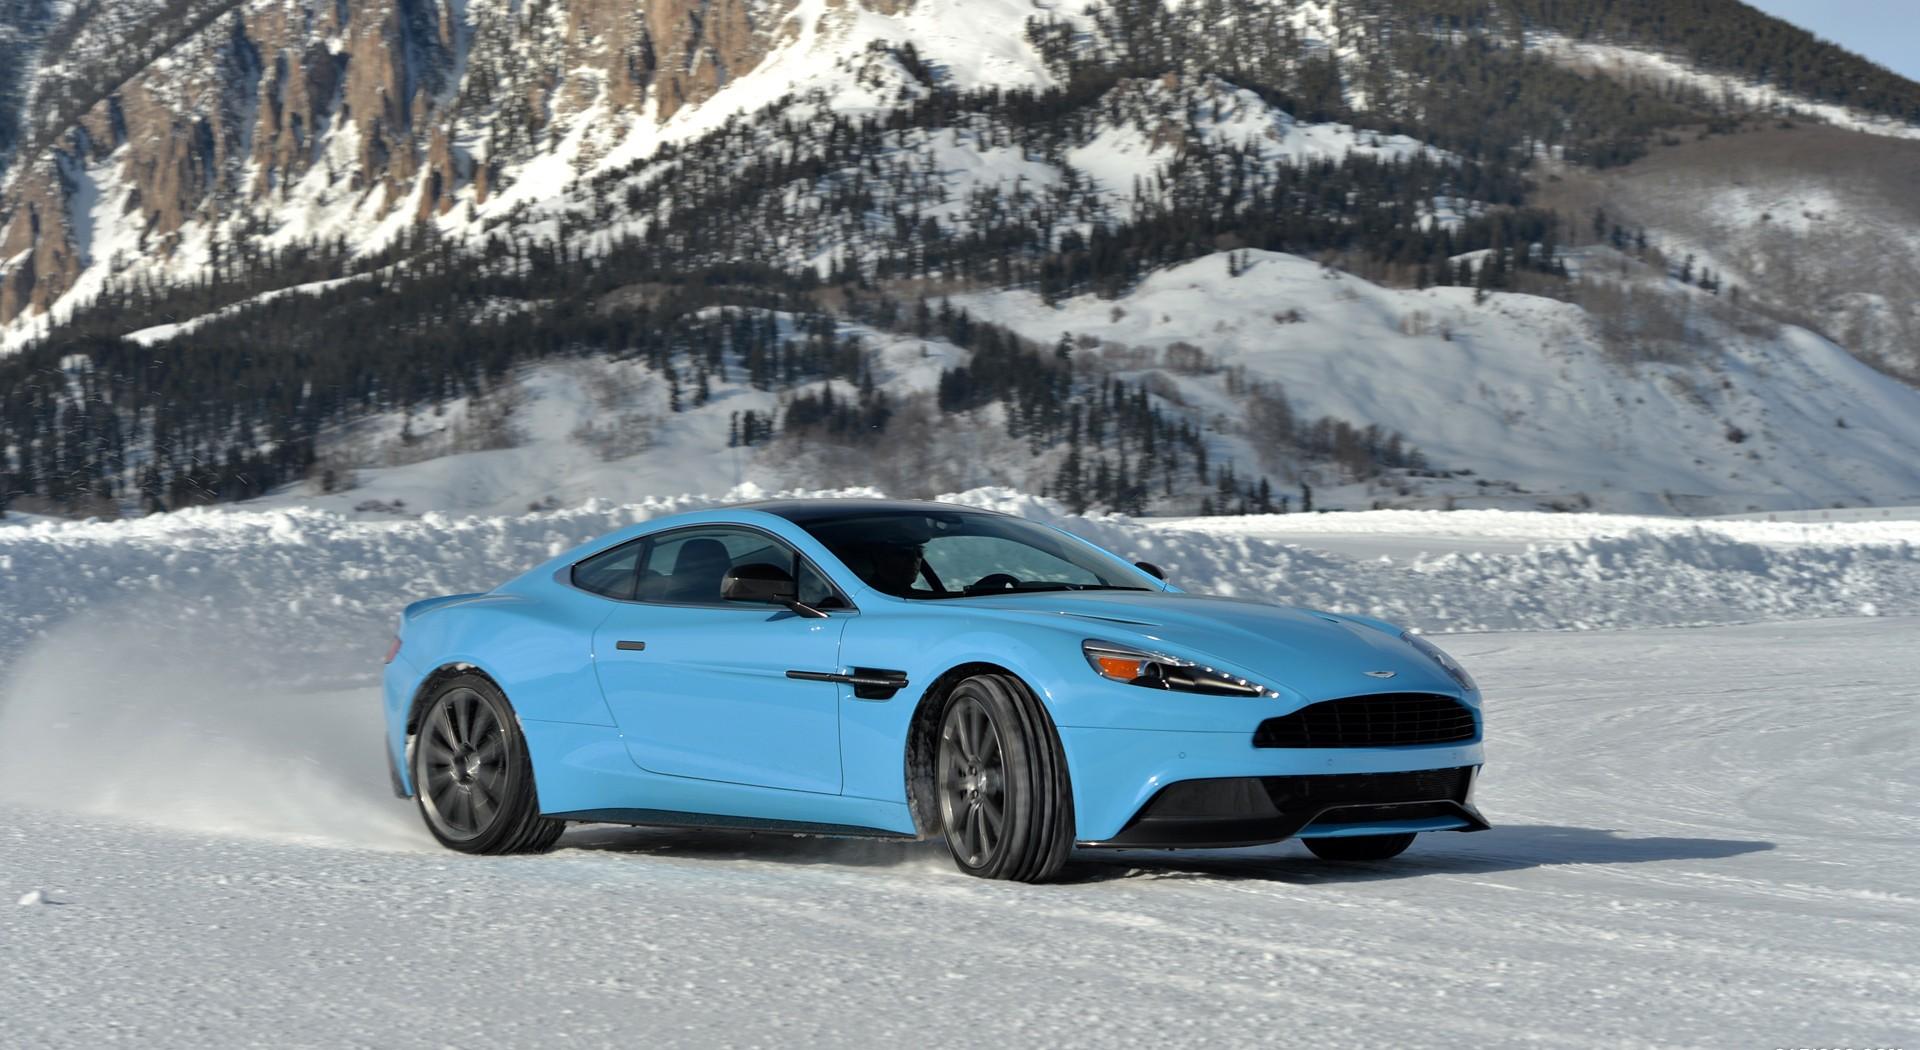 Aston Martin Vanquish Wallpapers blue A2